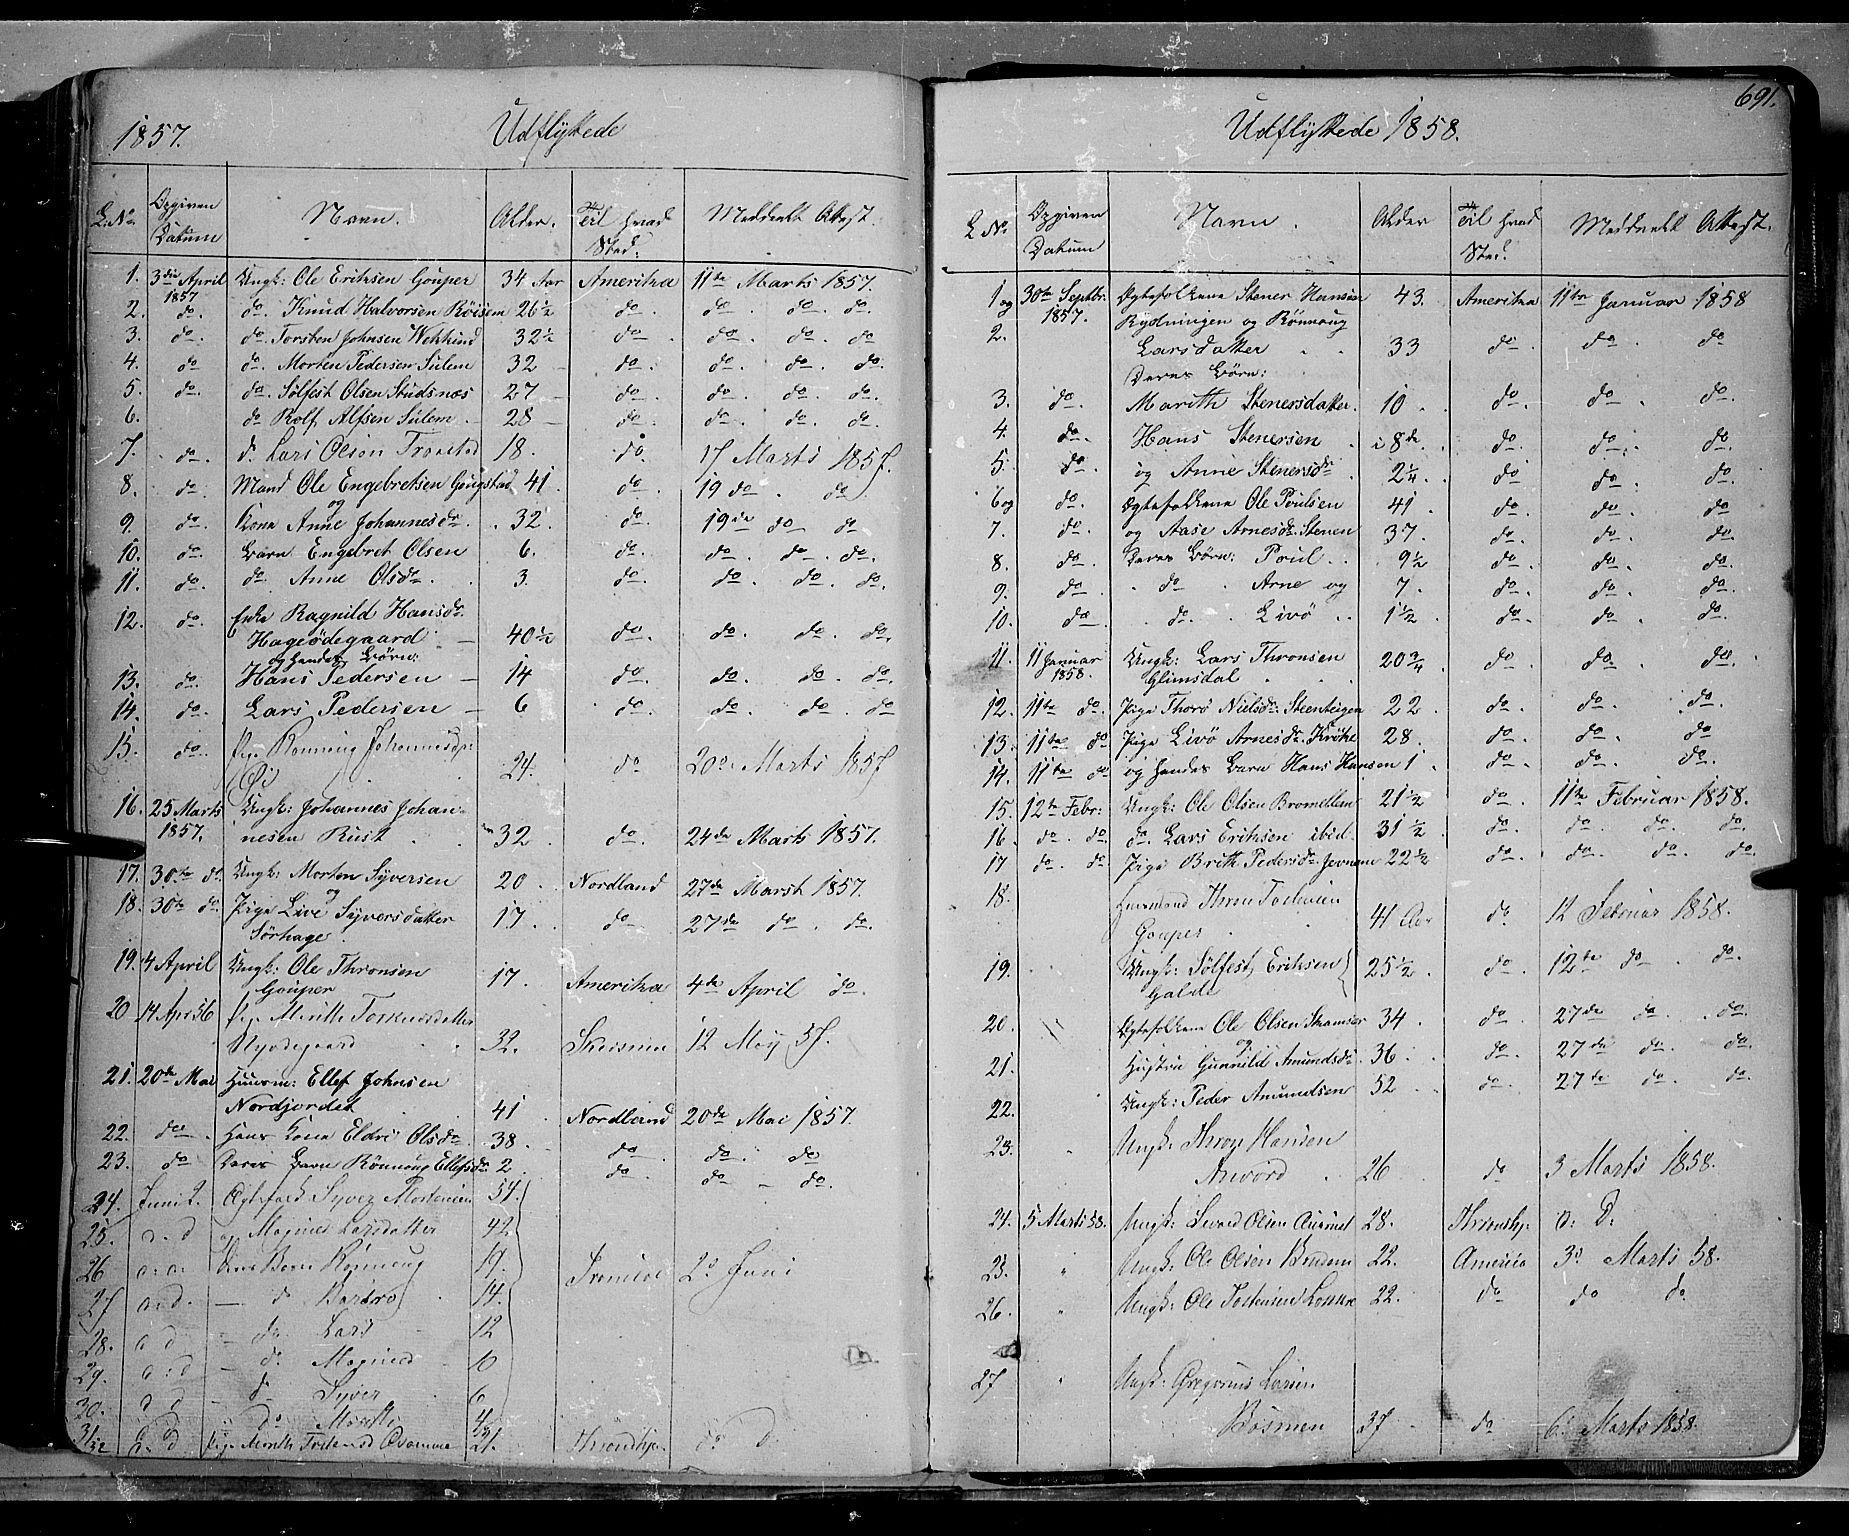 SAH, Lom prestekontor, K/L0006: Ministerialbok nr. 6B, 1837-1863, s. 691